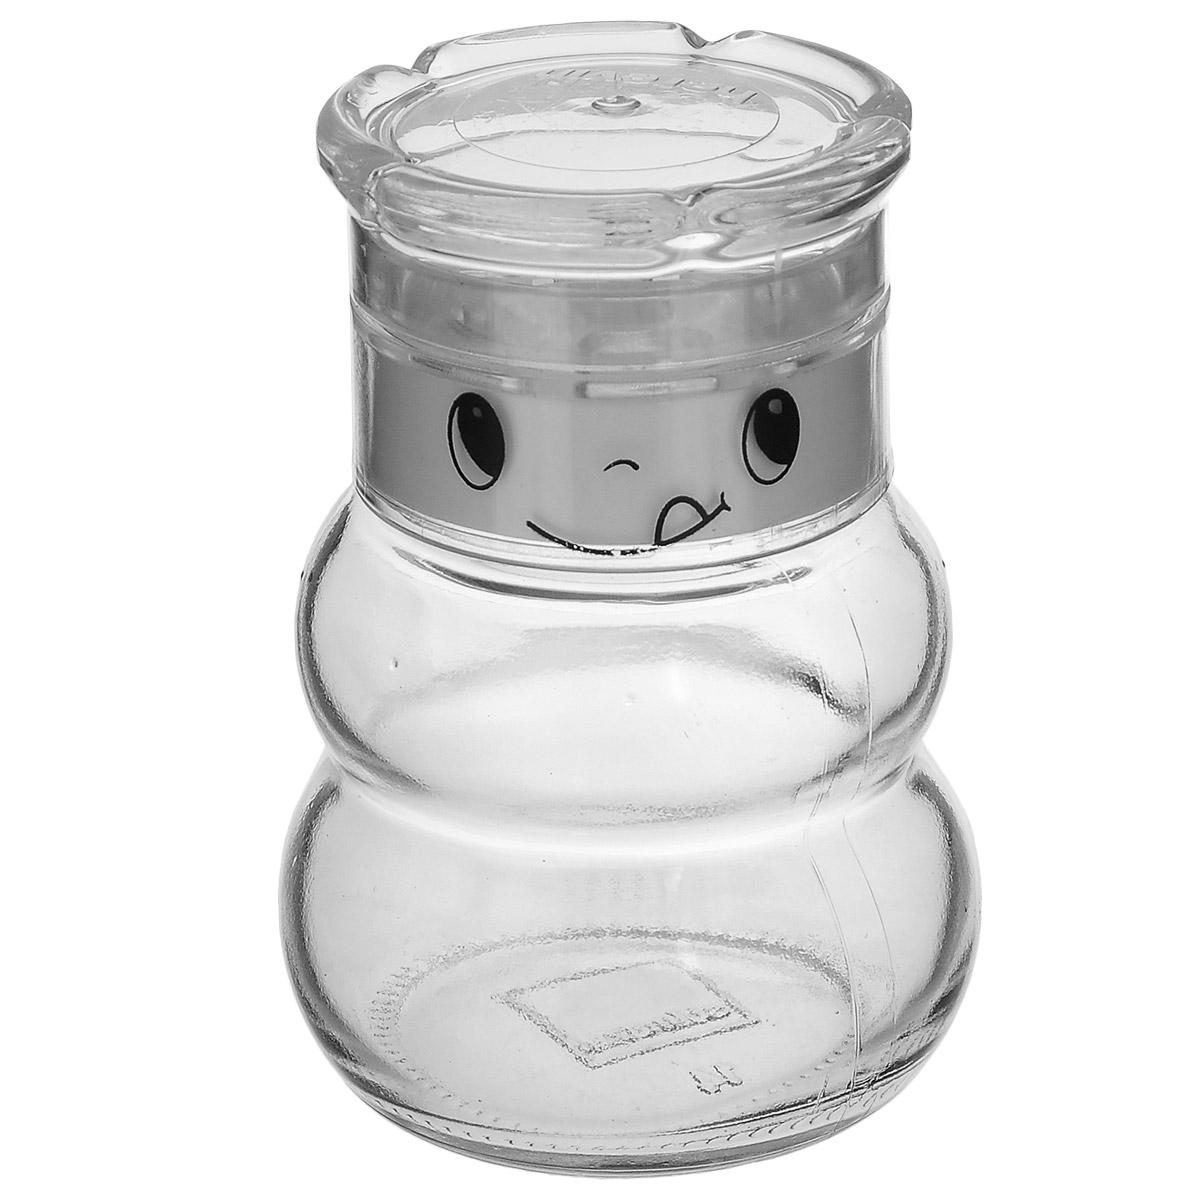 Банка для специй Herevin Шеф, цвет: белый, 200 млVT-1520(SR)Баночка для специй Herevin Шеф изготовлена из прочного прозрачного стекла. Банка оснащена плотно закрывающейся пластиковой крышкой, которая надолго сохранит вкус и аромат специй. Функциональная и вместительная, такая банка станет незаменимым аксессуаром на любой кухне.Можно мыть в посудомоечной машине. Объем: 200 мл. Диаметр (по верхнему краю): 5,5 см. Высота банки (с крышкой): 10 см.